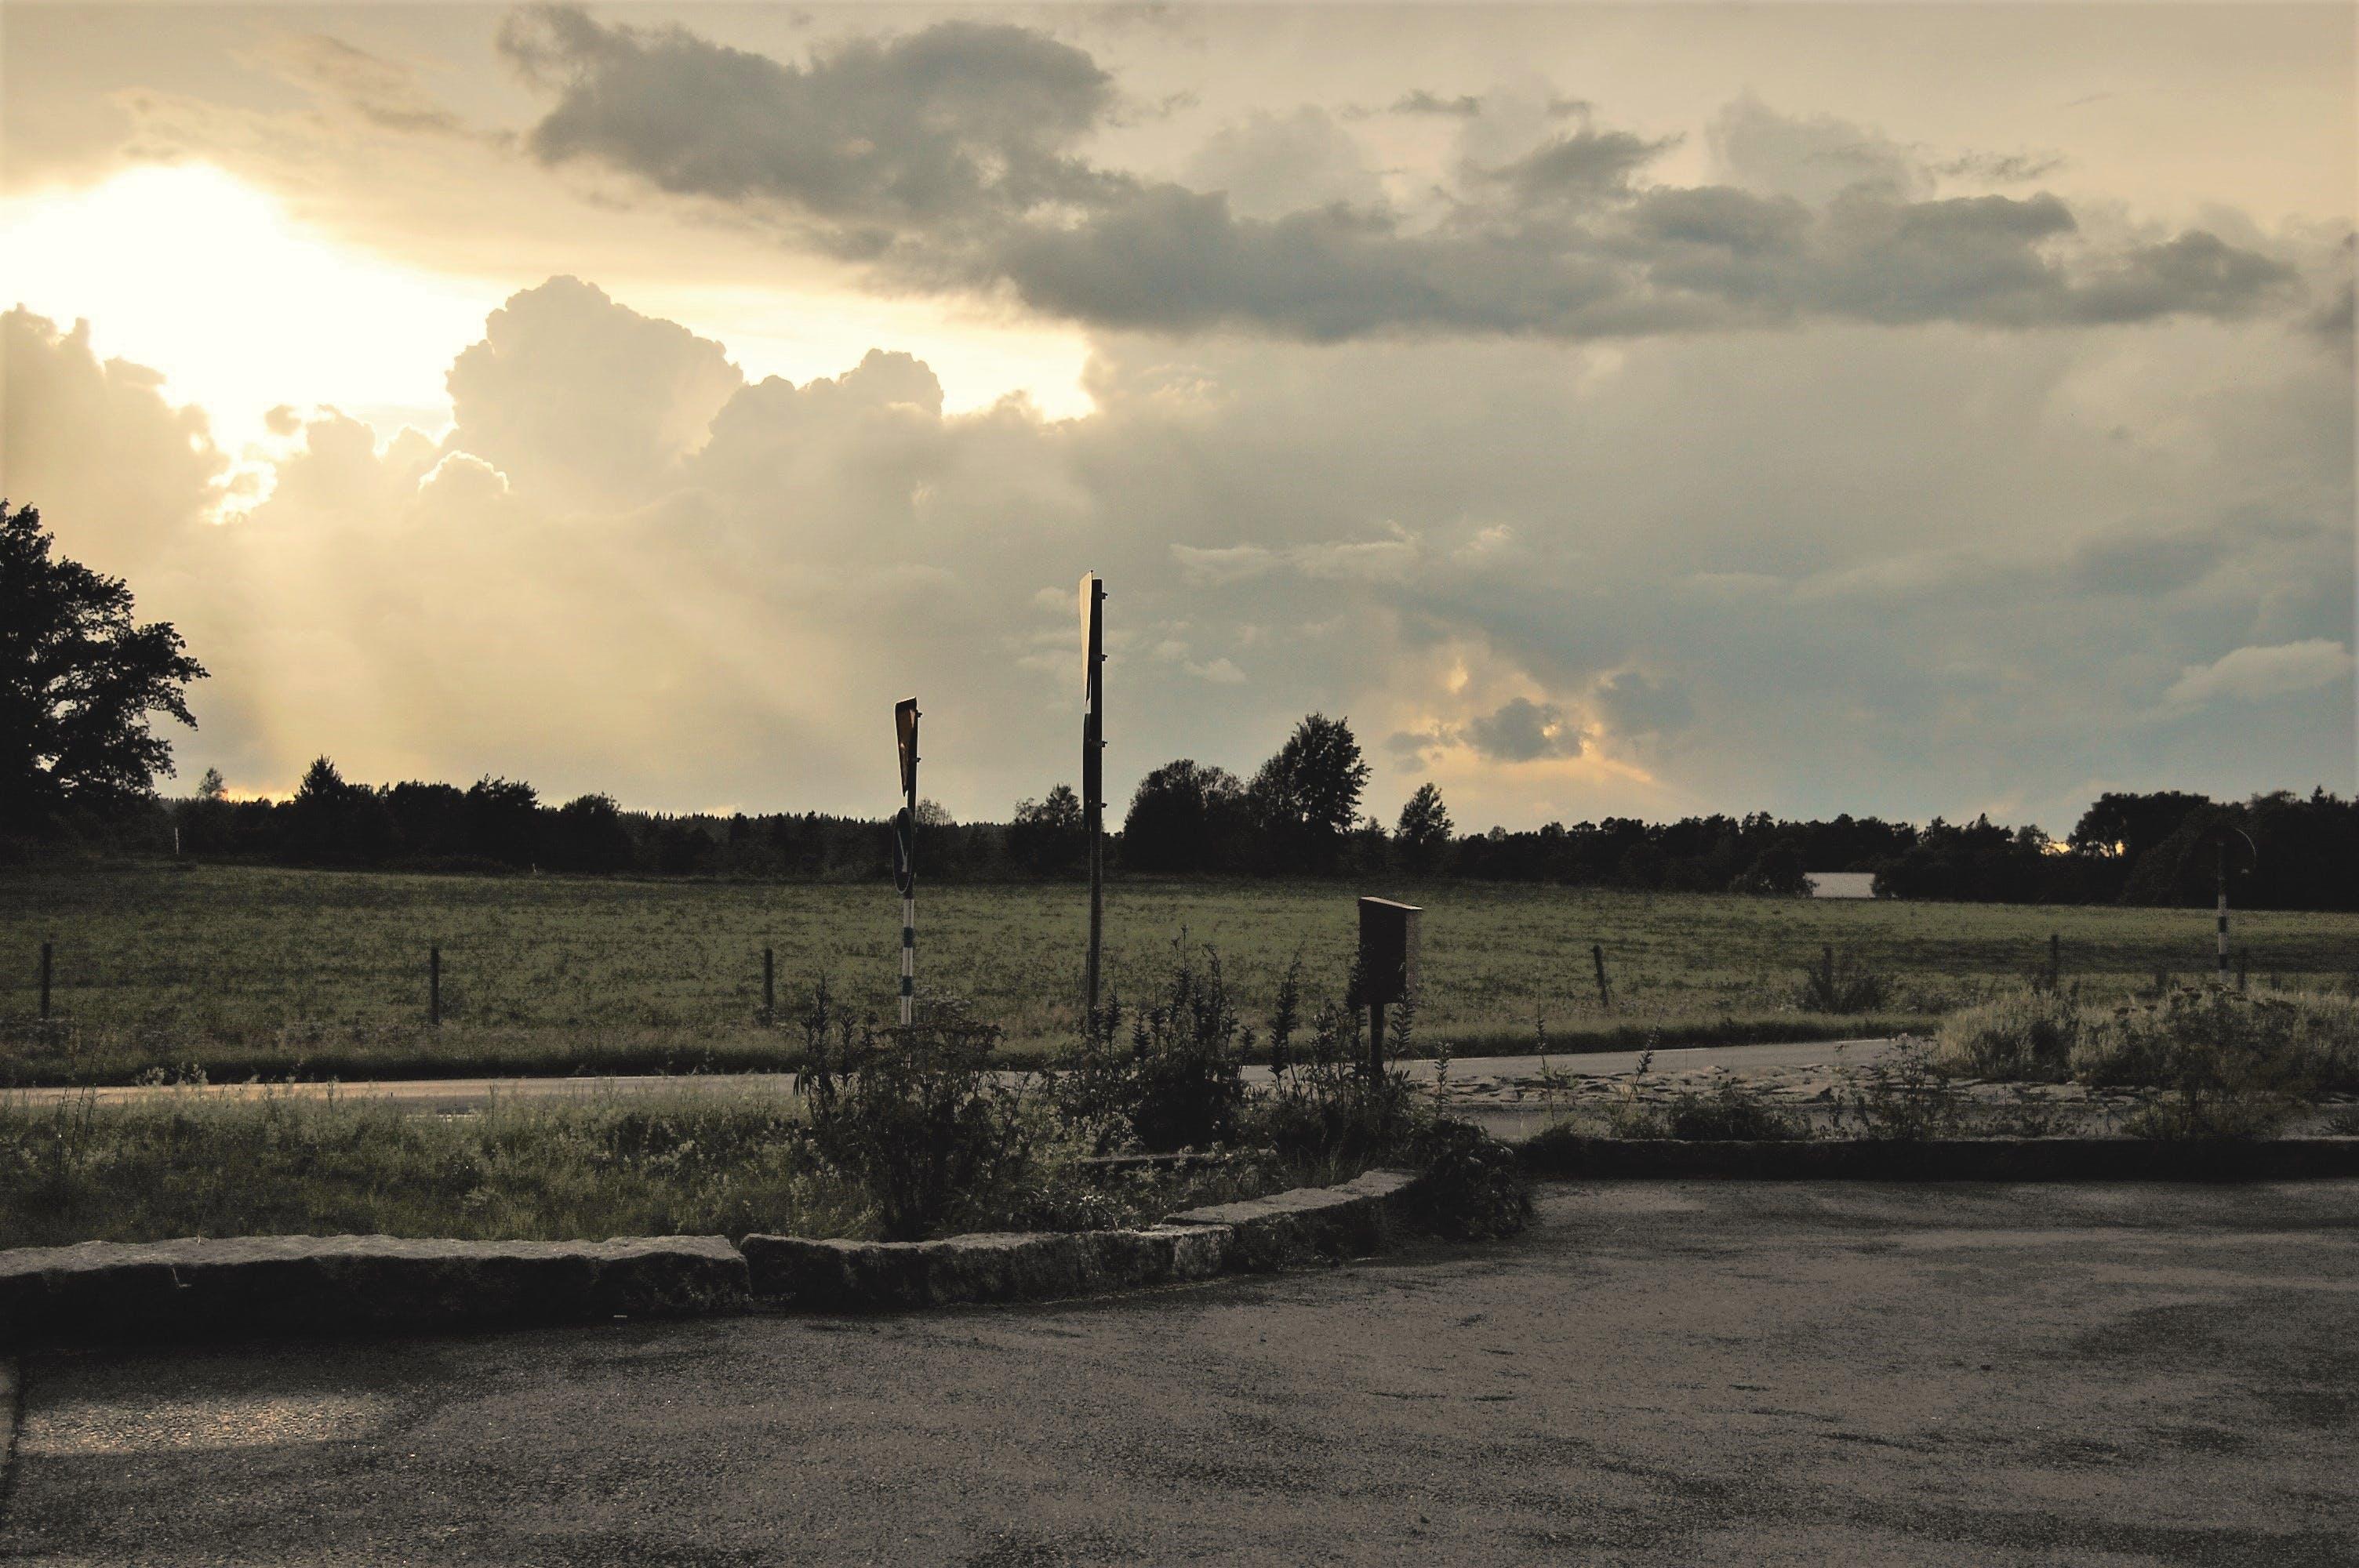 clouds, cloudy, field